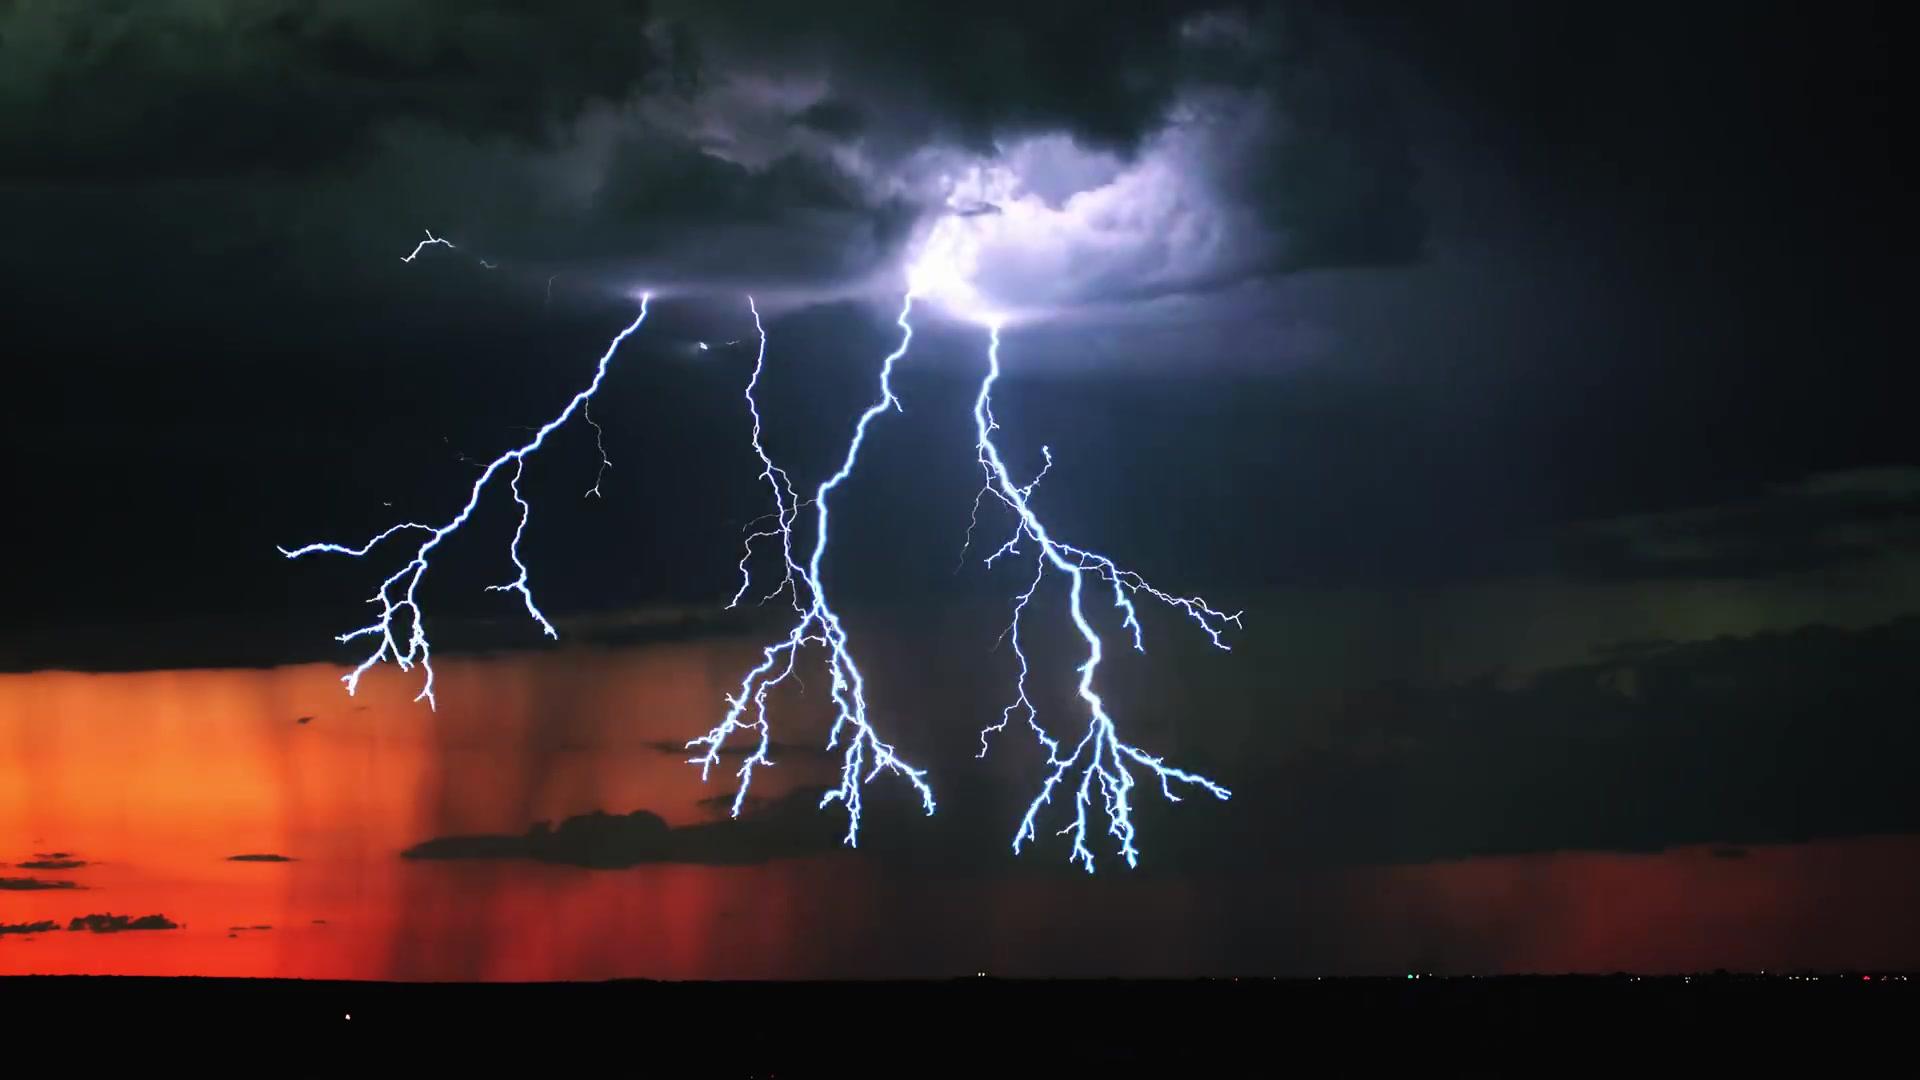 你见过每秒1000帧下的闪电吗?太酷了!!!